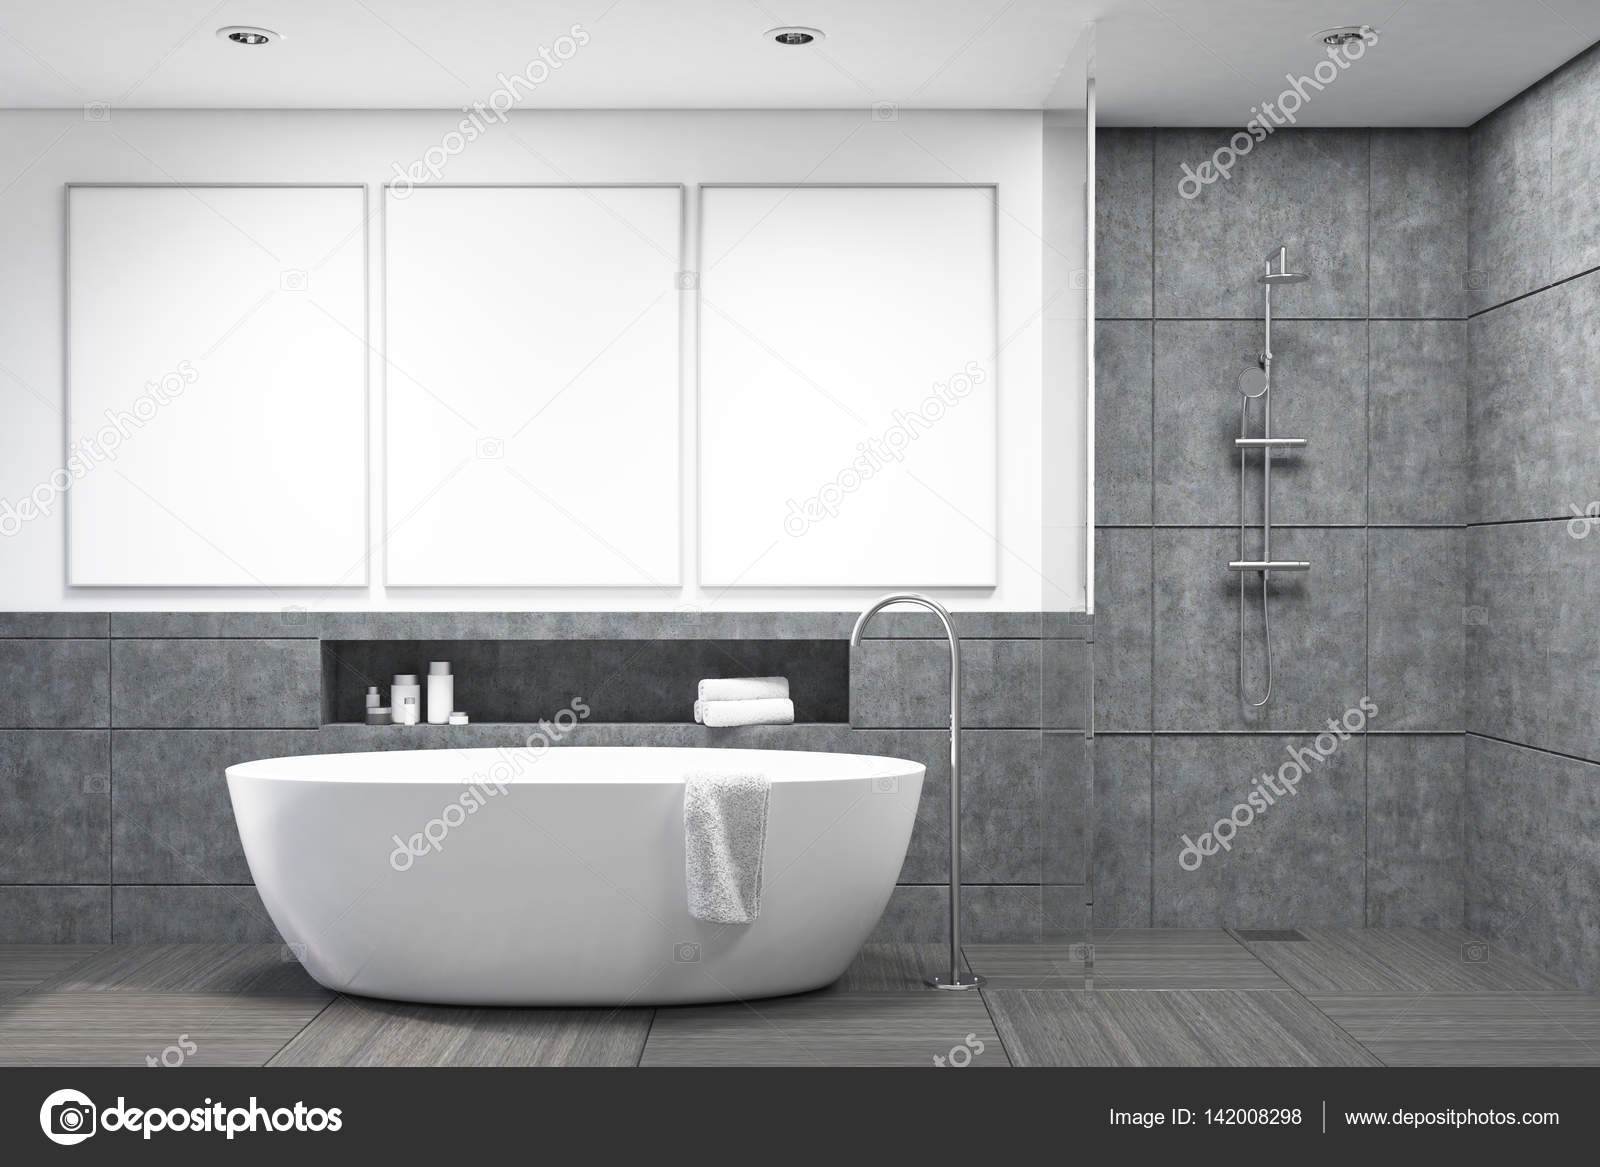 Badkamer met donkere grijze tegels, galerij — Stockfoto ...